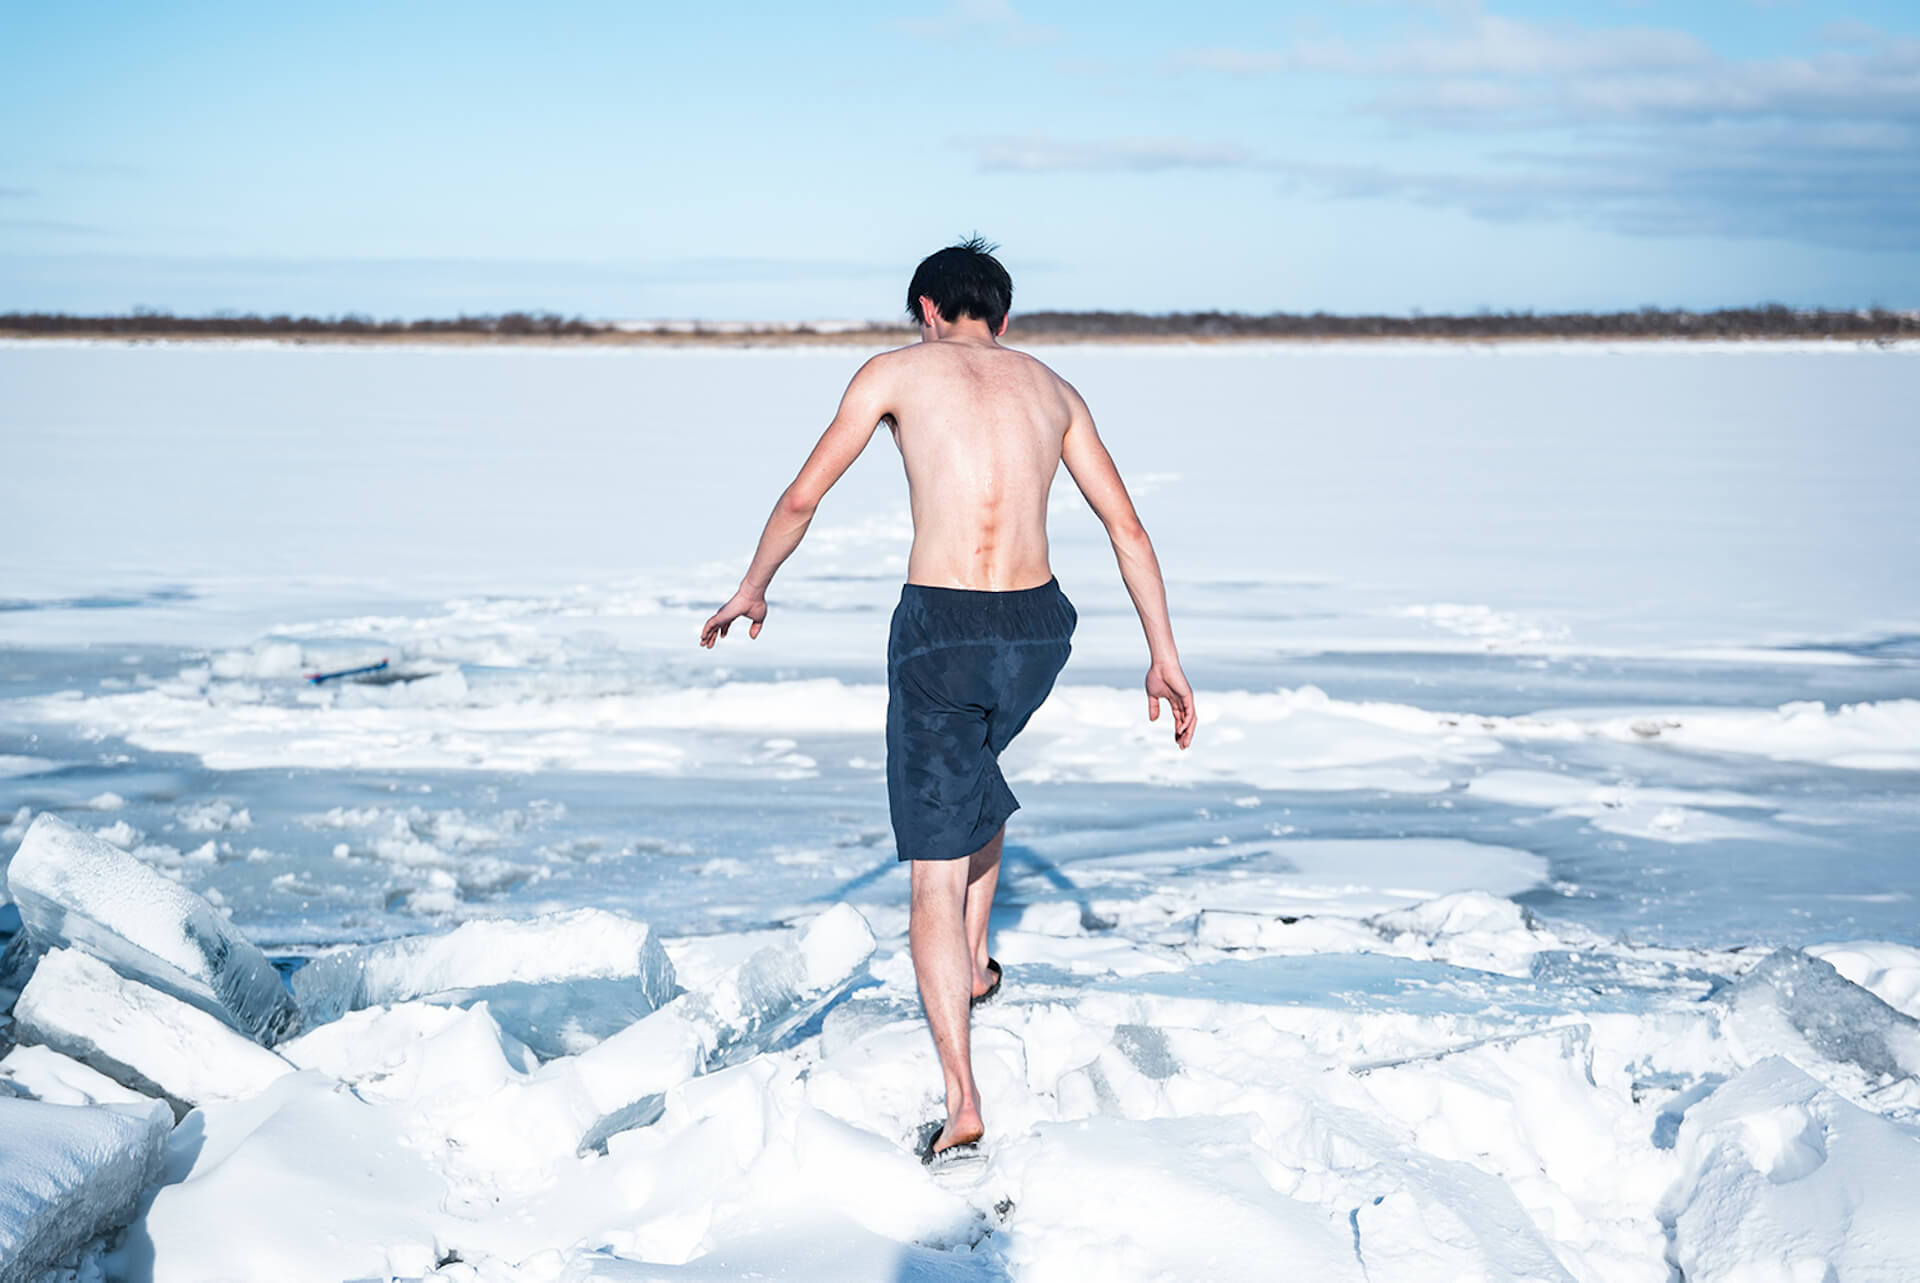 凍った川にできた天然の水風呂でととのおう!アウトドアサウナアクティビティ『十勝アヴァント』の予約受付がスタート life201124_avanto_6